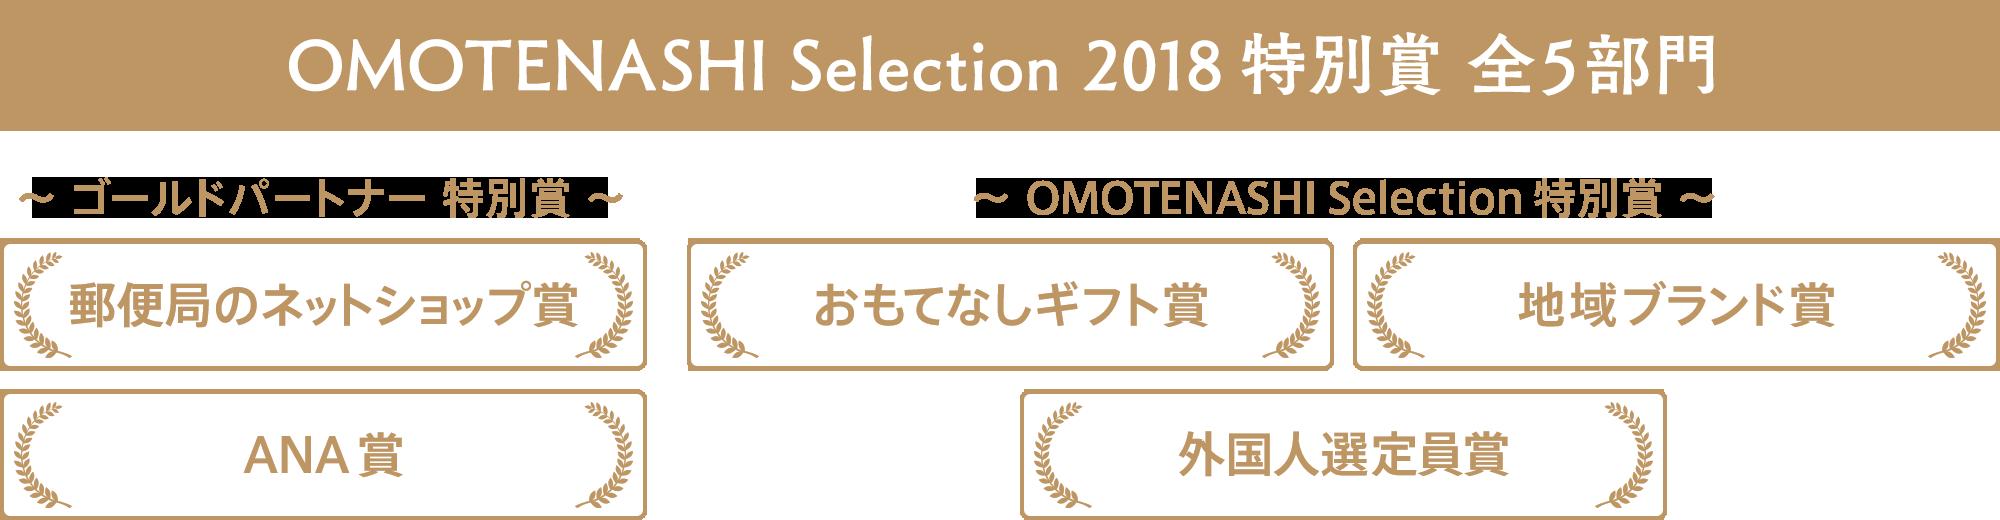 OMOTENASHI Selection 2018 特別賞 全5部門